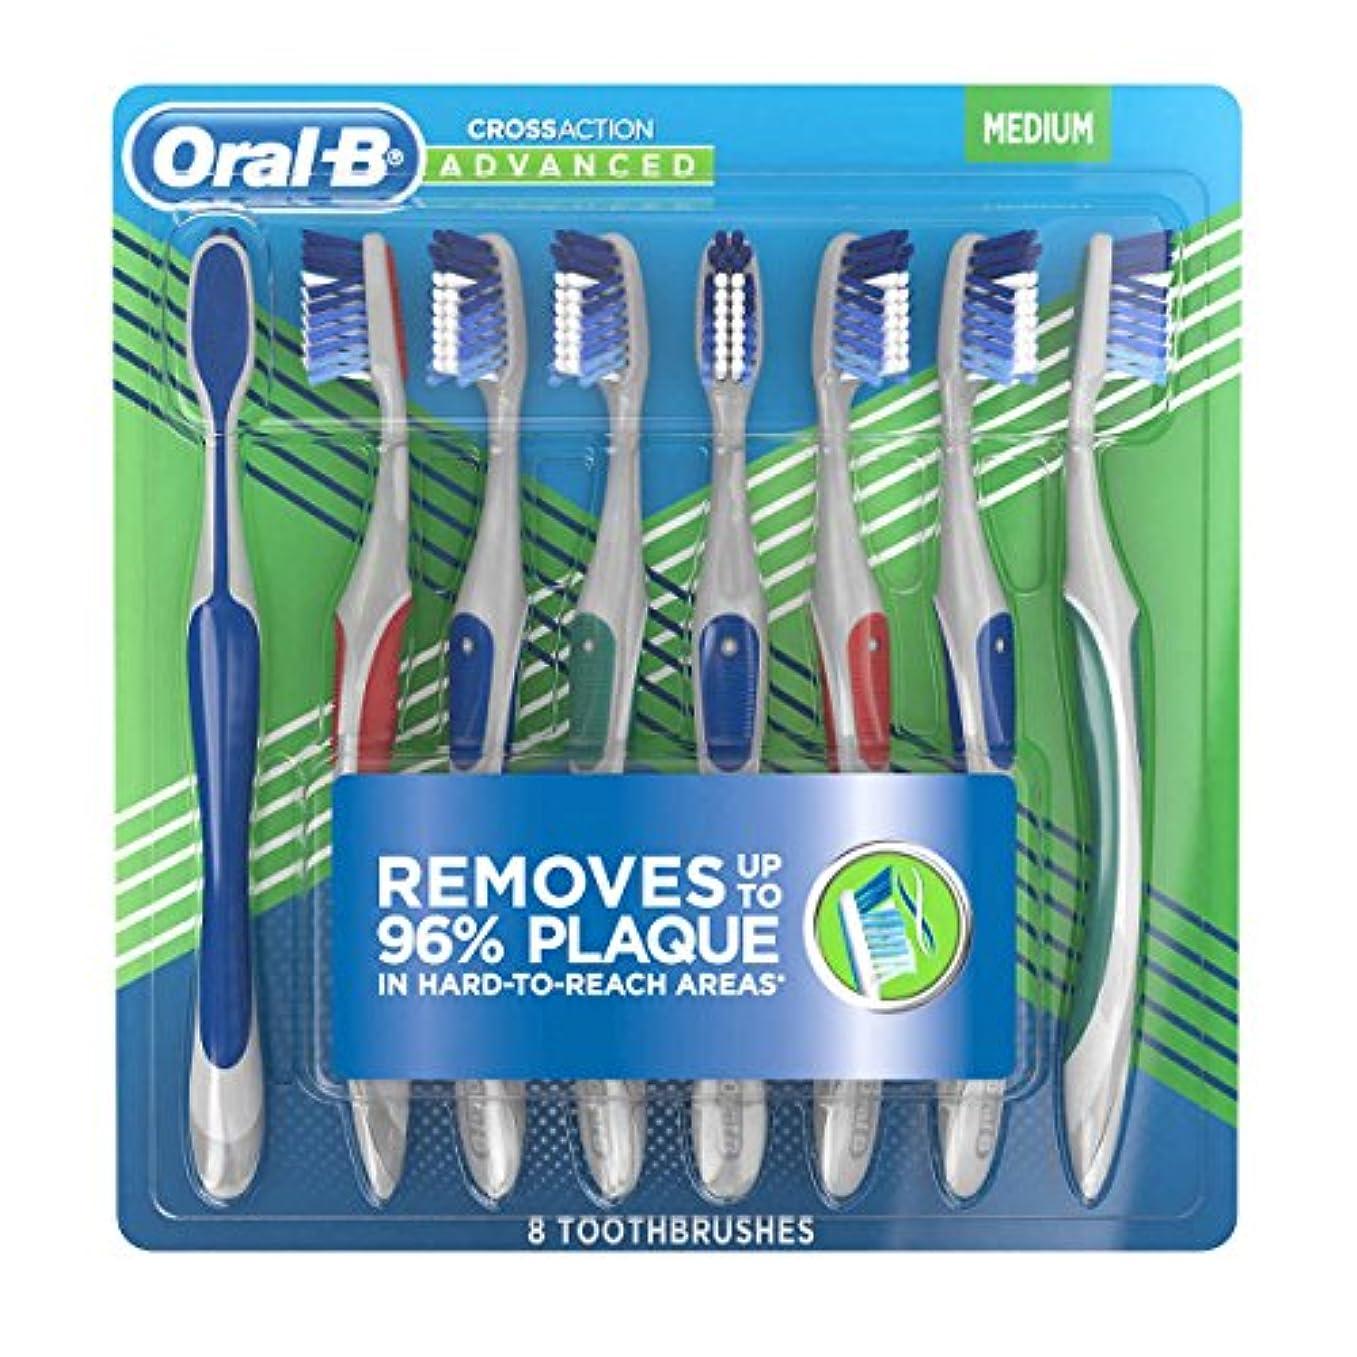 優先権すべて尊敬するOral-B Pro-Health Cross Action Advanced Toothbrush 8-pack MED オーラルB プロヘルス クロスアクション アドバンスド 歯ブラシ8本セット(ミディアムタイプ)